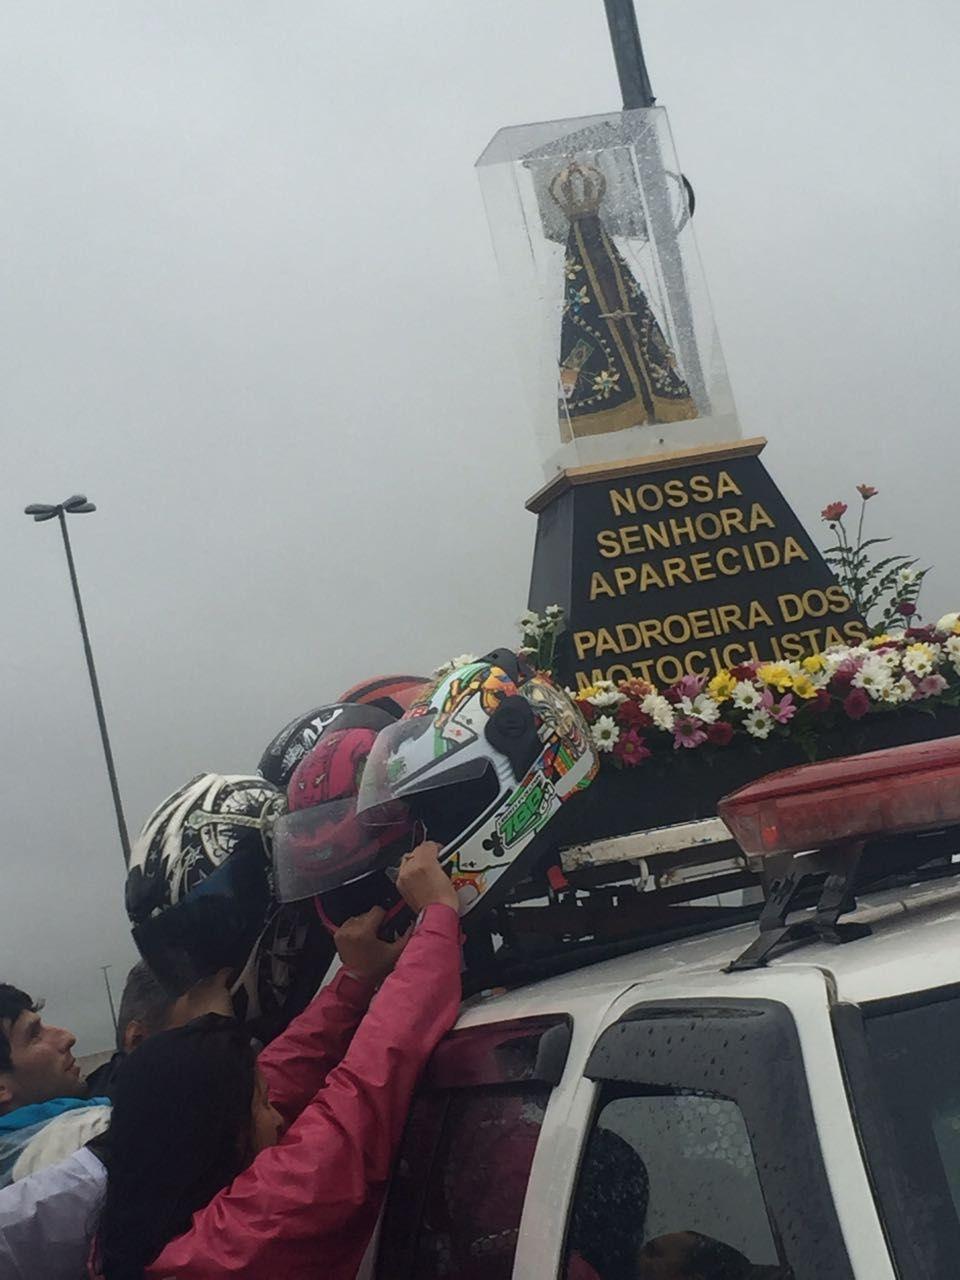 Além de Padroeira do Brasil, Nossa Senhora Aparecida é protetora dos motociclistas. / Daniela Lemes / Rádio Bandeirantes